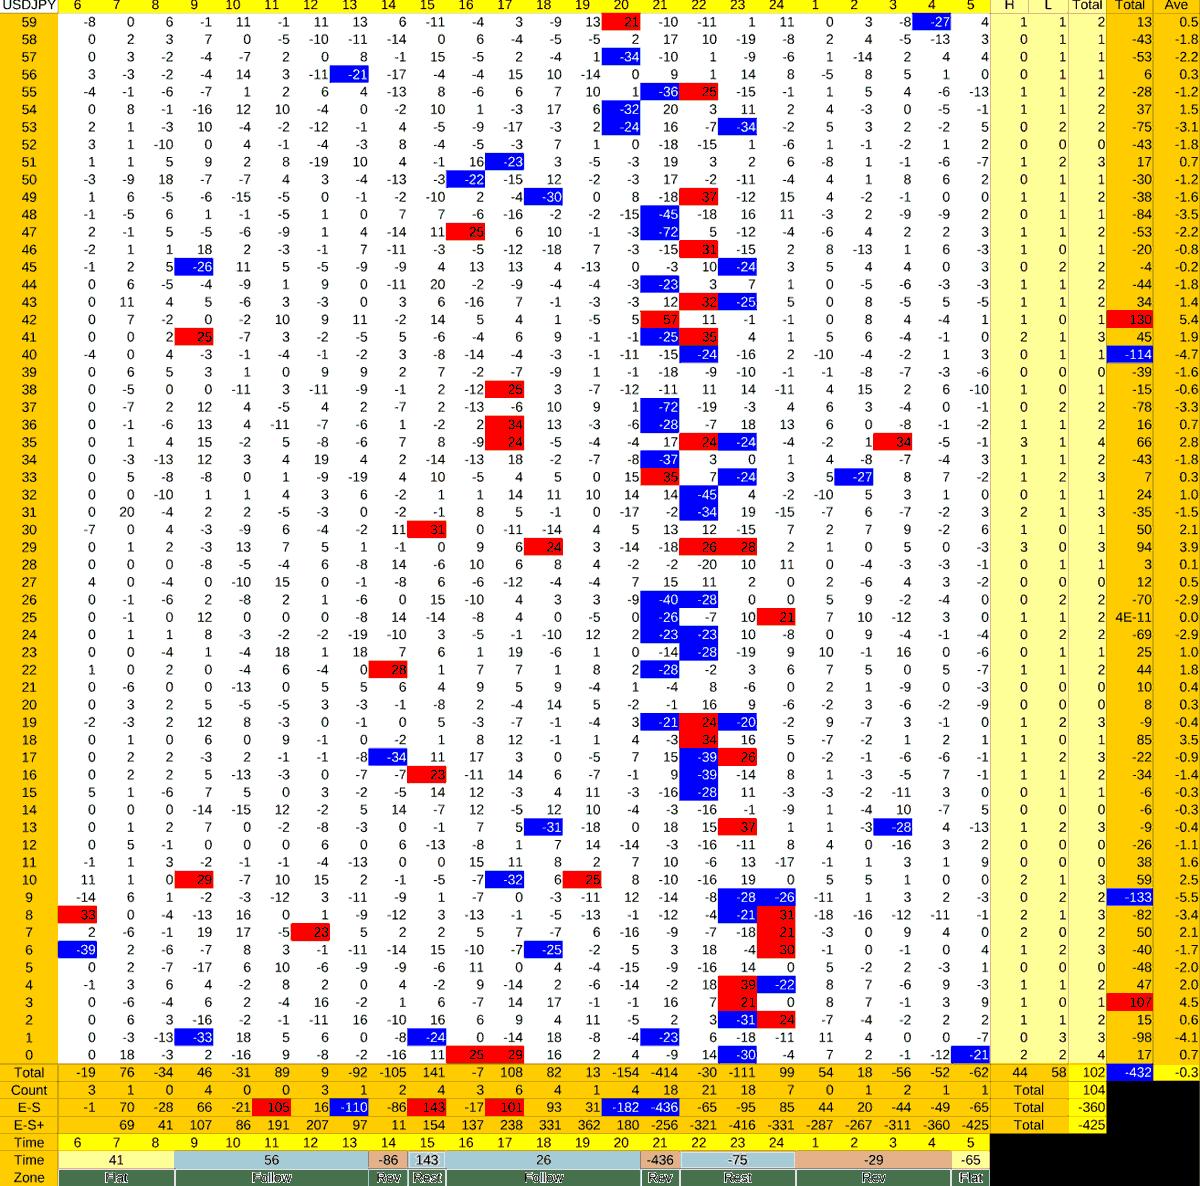 20210406_HS(1)USDJPY-min